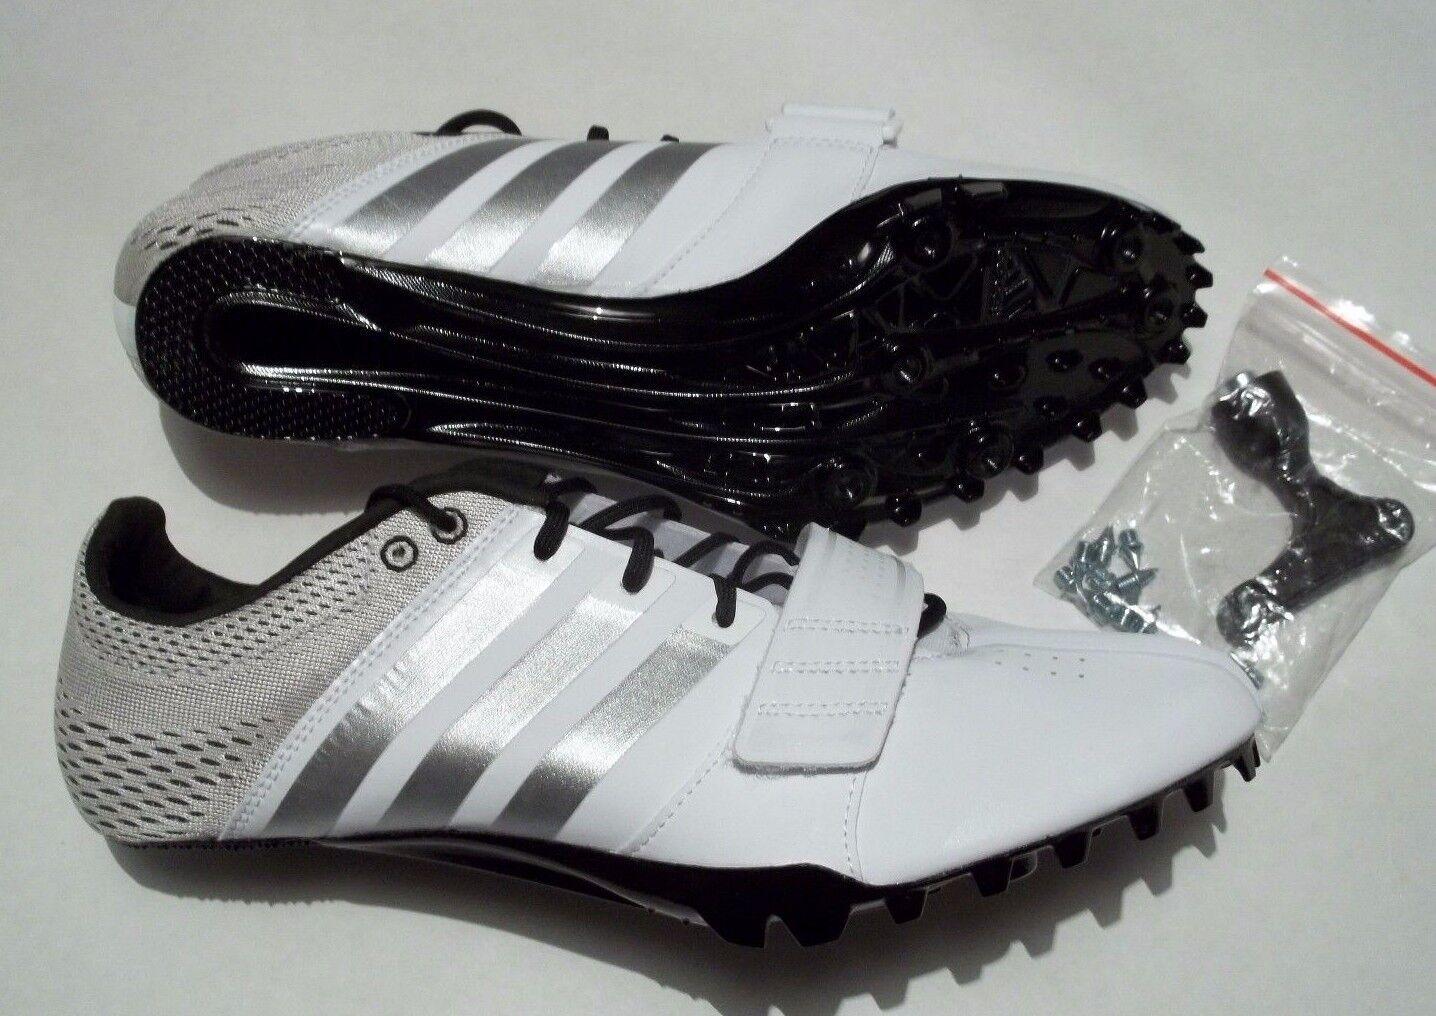 Nuove adidas primo acceleratore misura 12,5 scarpe da ginnastica con con con spuntoni & strumento s80336 | Outlet Store Online  b73ebe